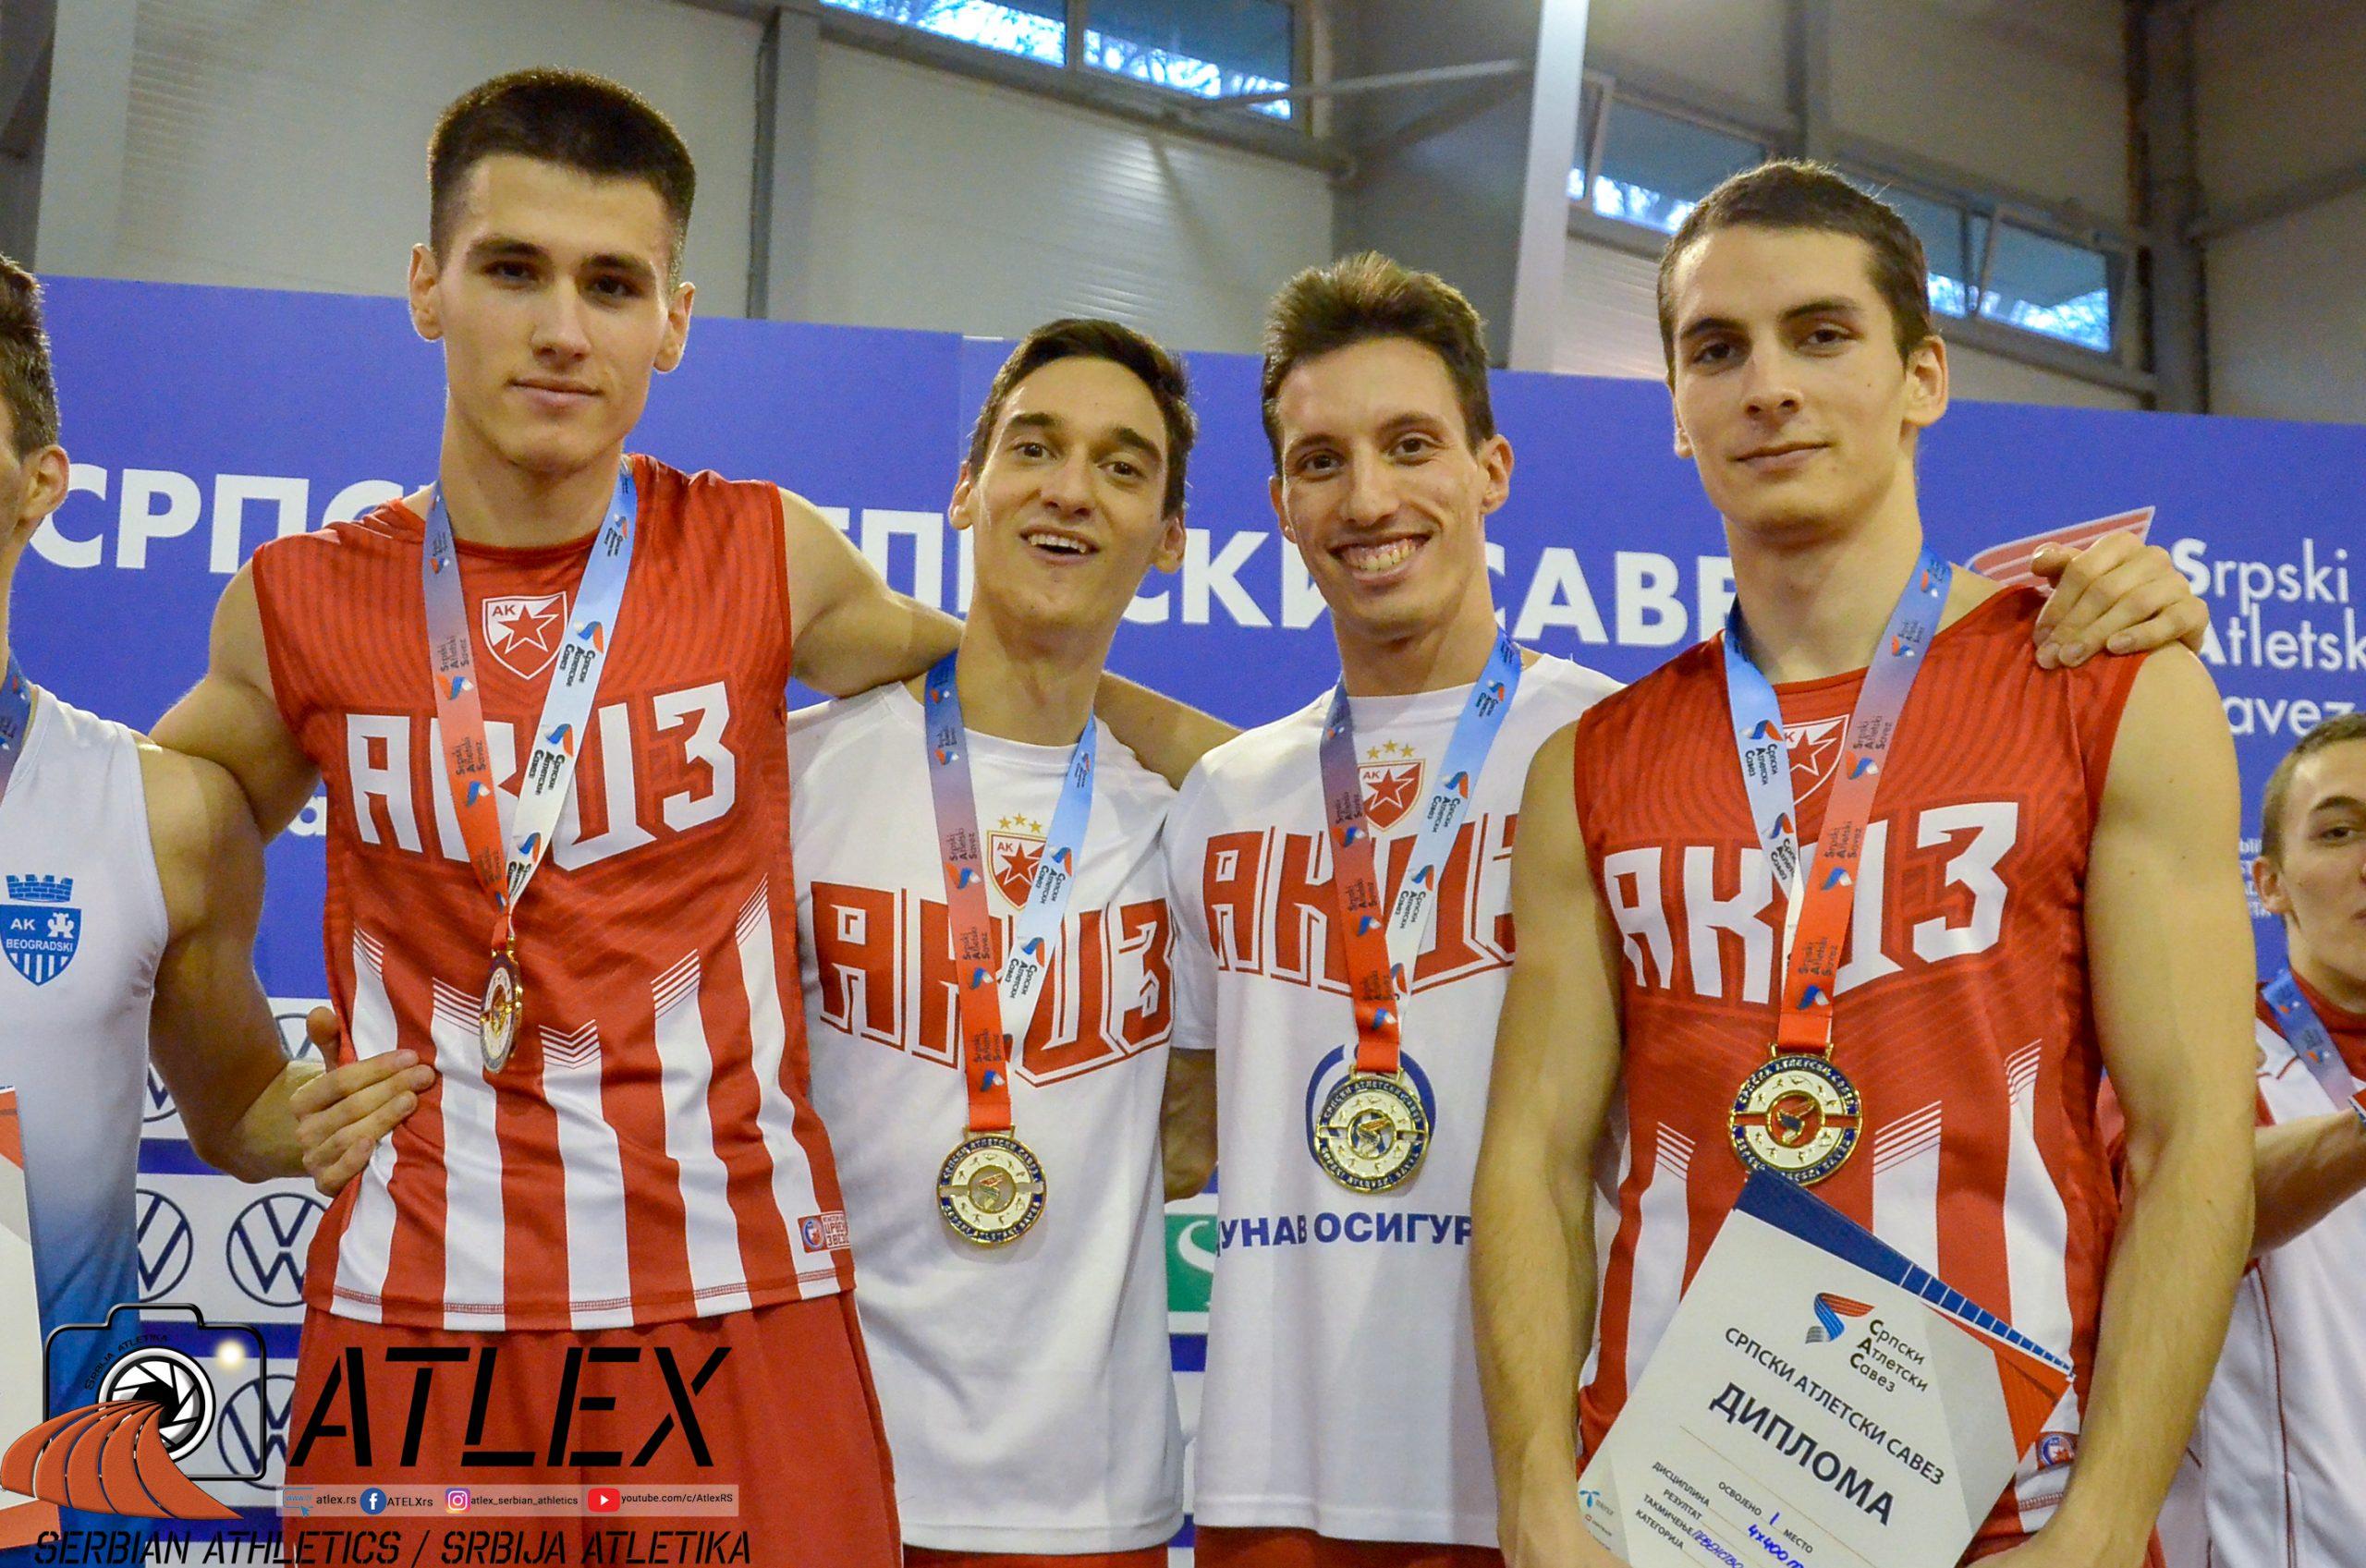 Olujić, Marković, Marković, Radojković, štafeta 4x400m državni rekord